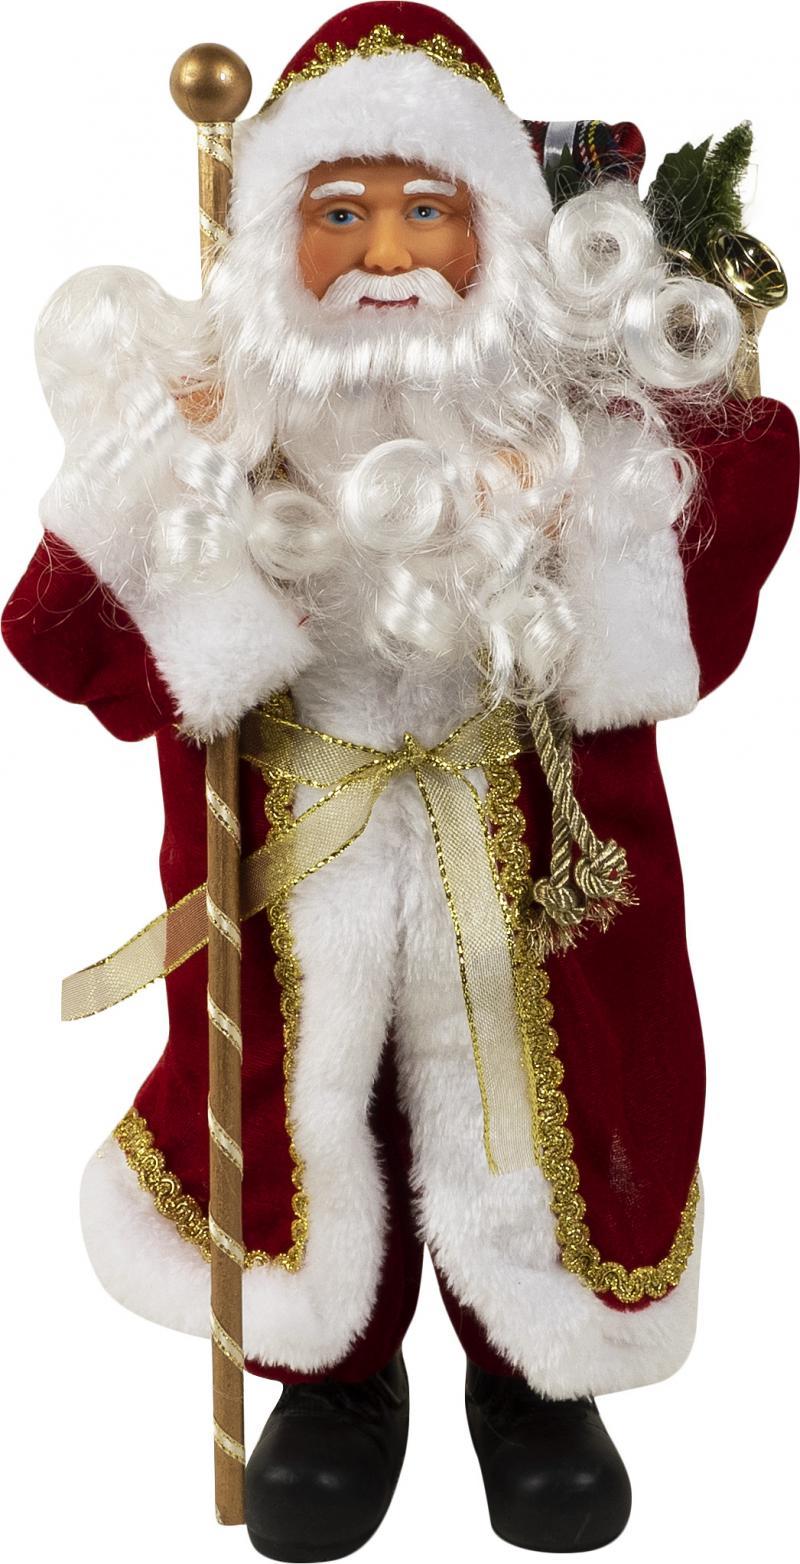 Фигурка «Дед Мороз», 41 см, цвет золотой